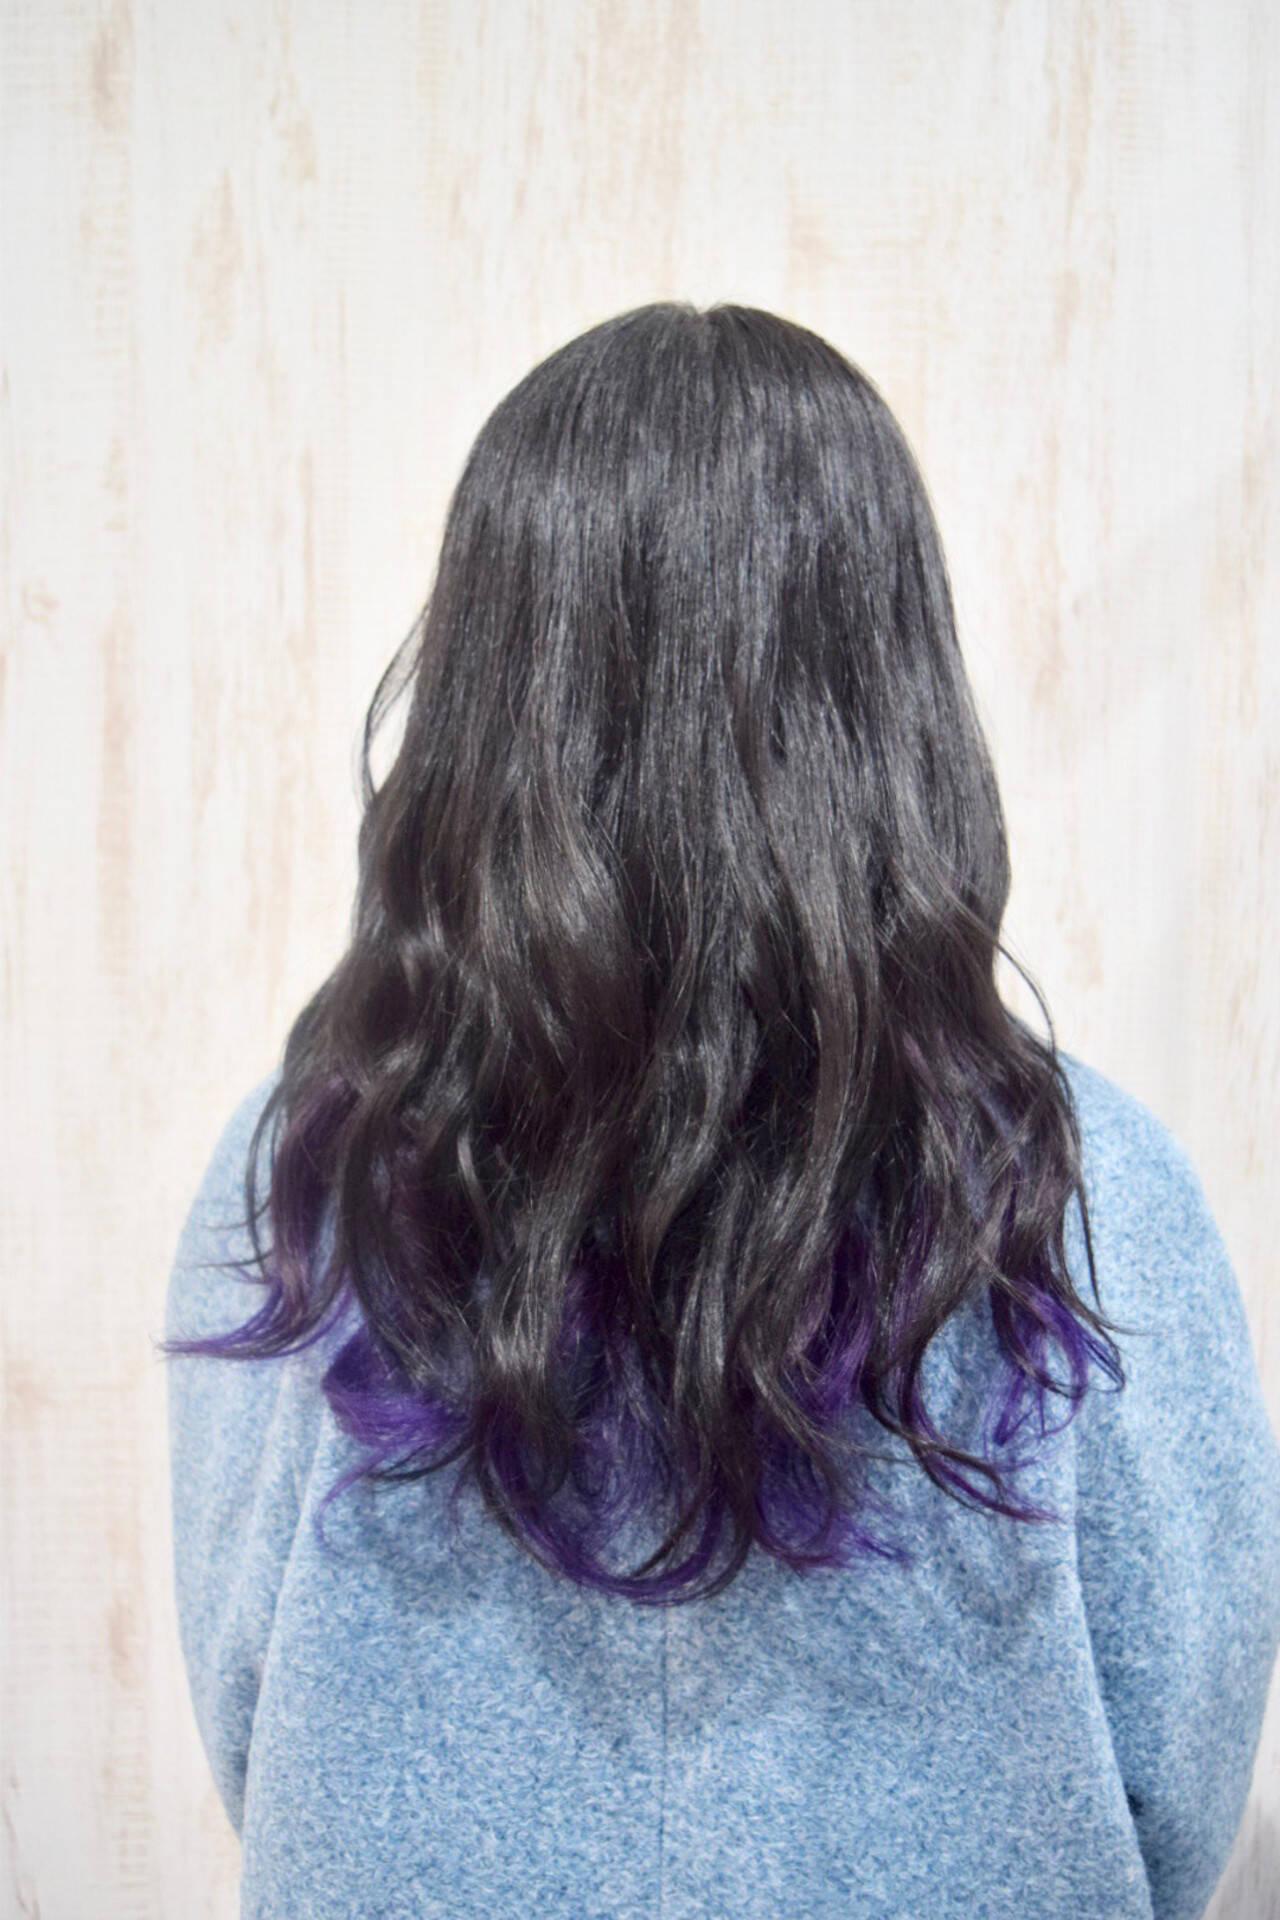 セミロング インナーカラーパープル ヴァイオレット ストリートヘアスタイルや髪型の写真・画像